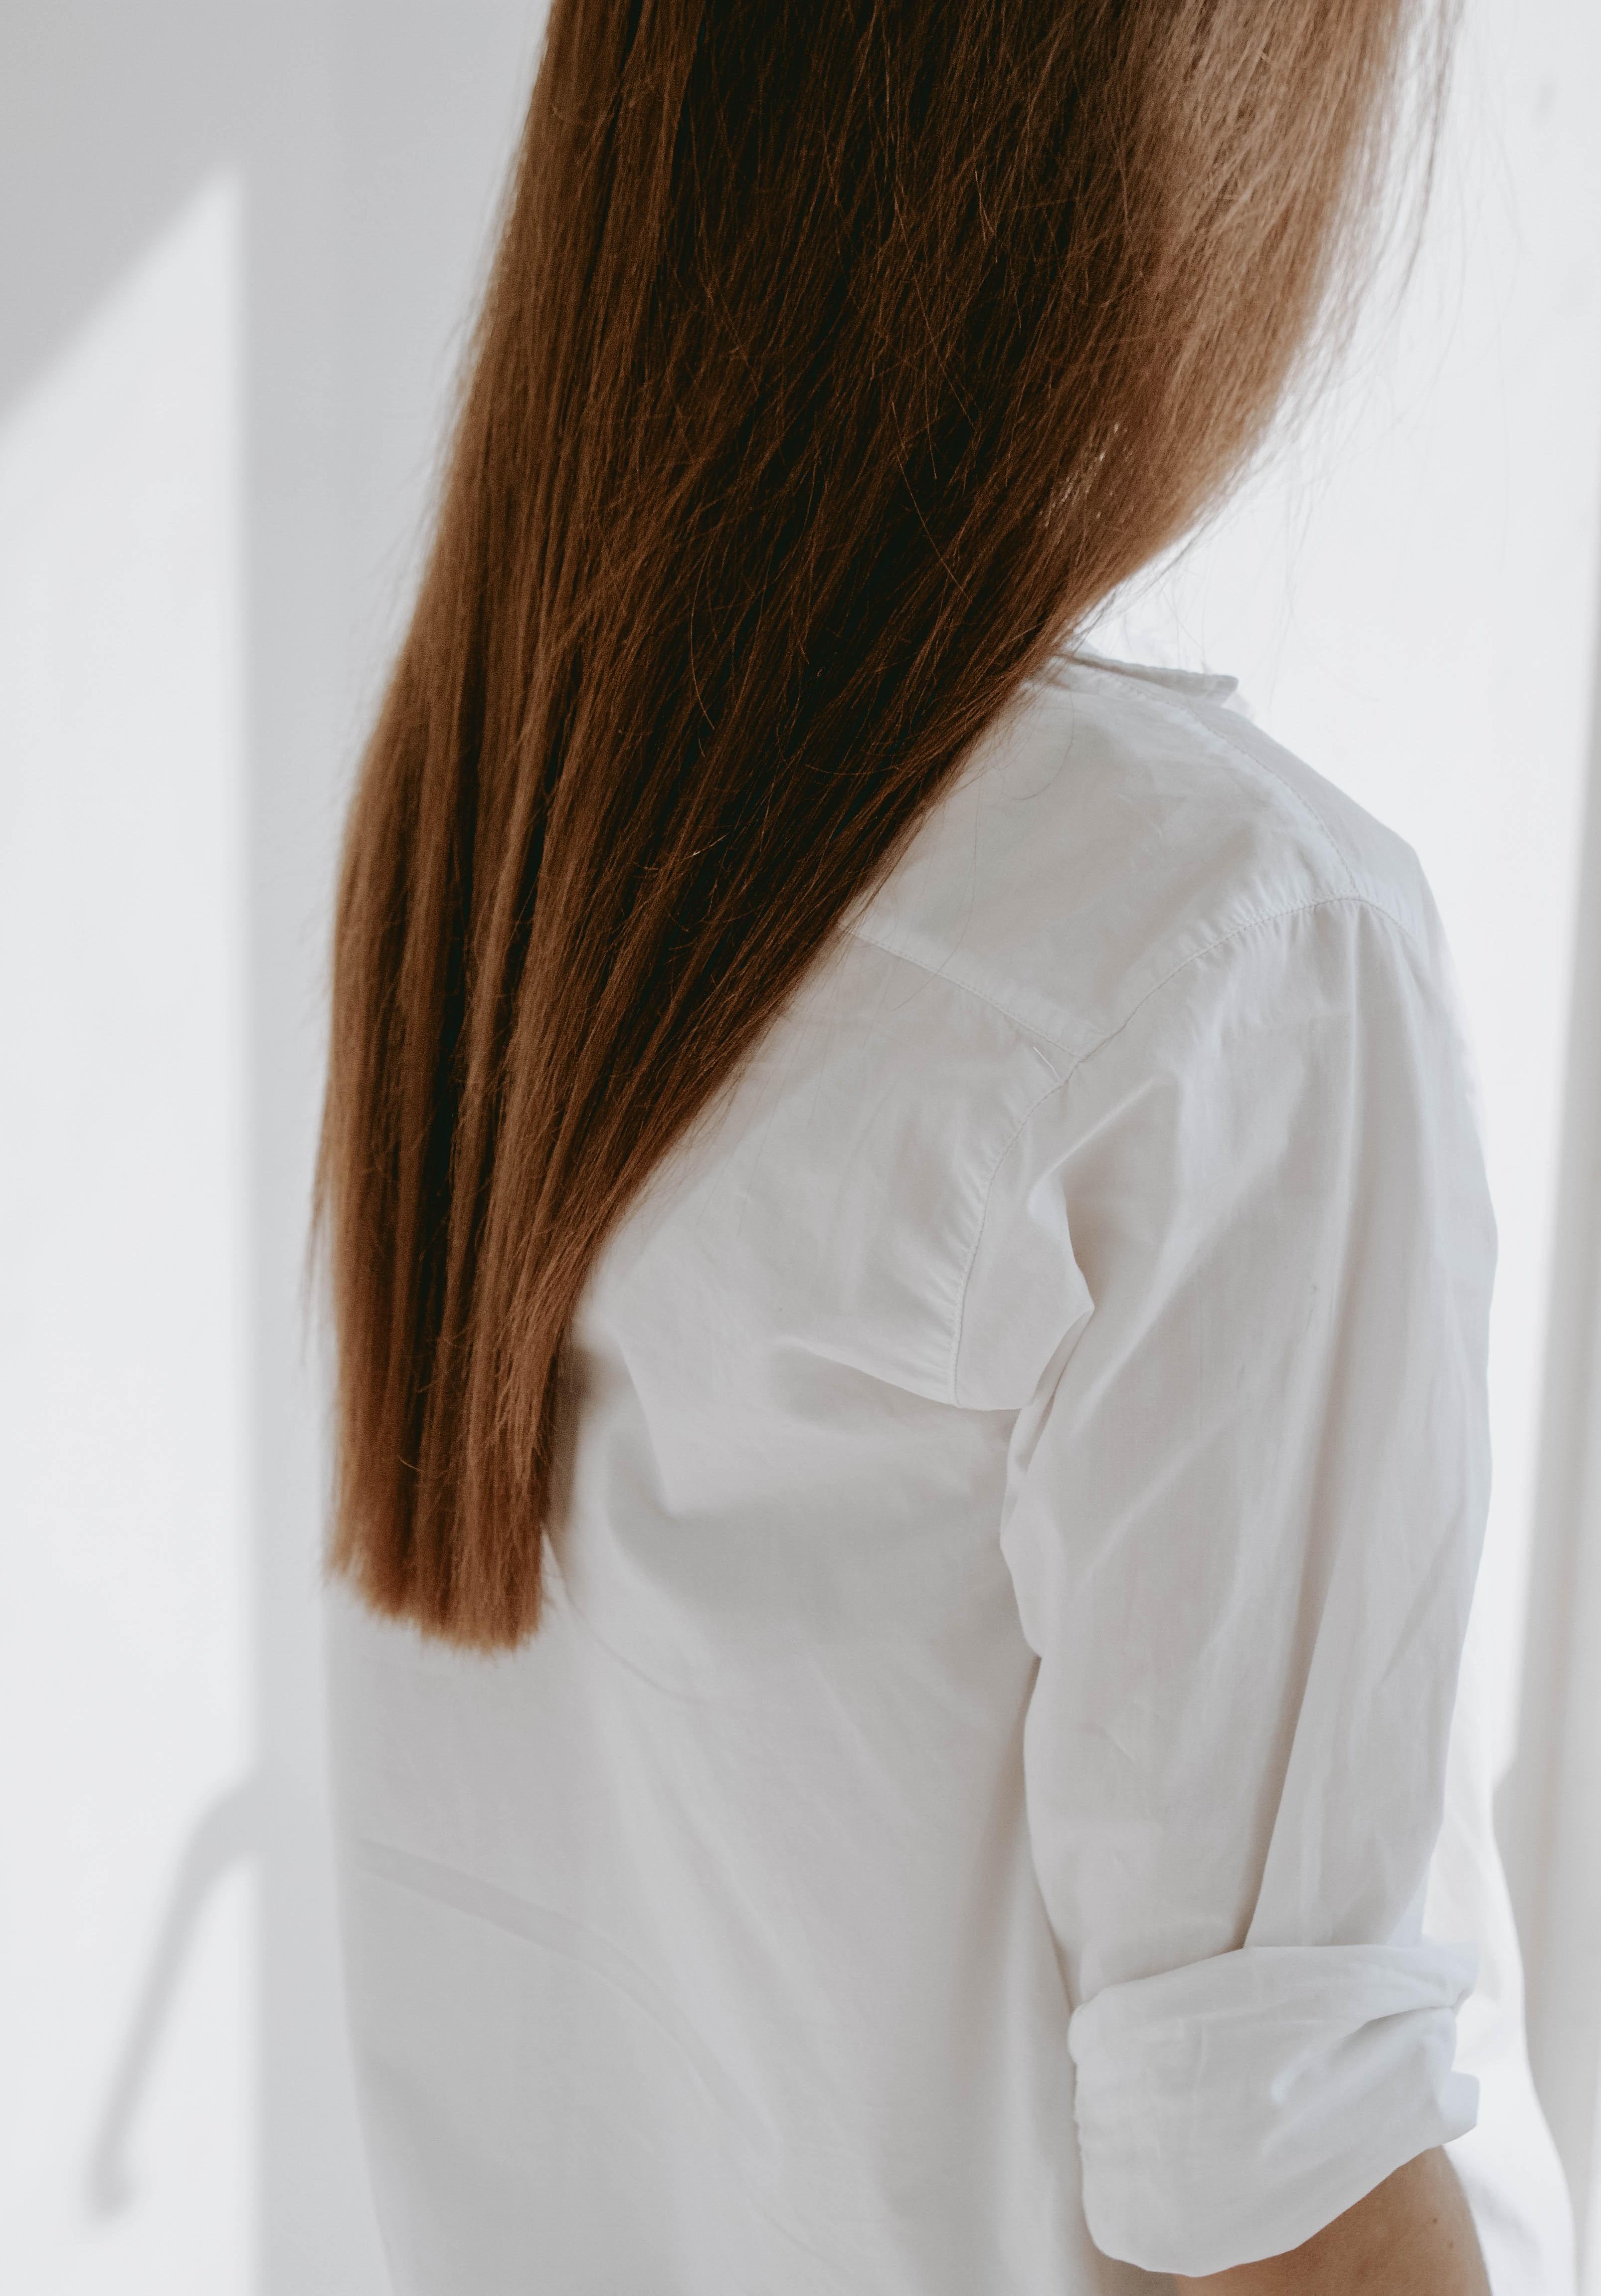 duỗi tóc quá nhanh